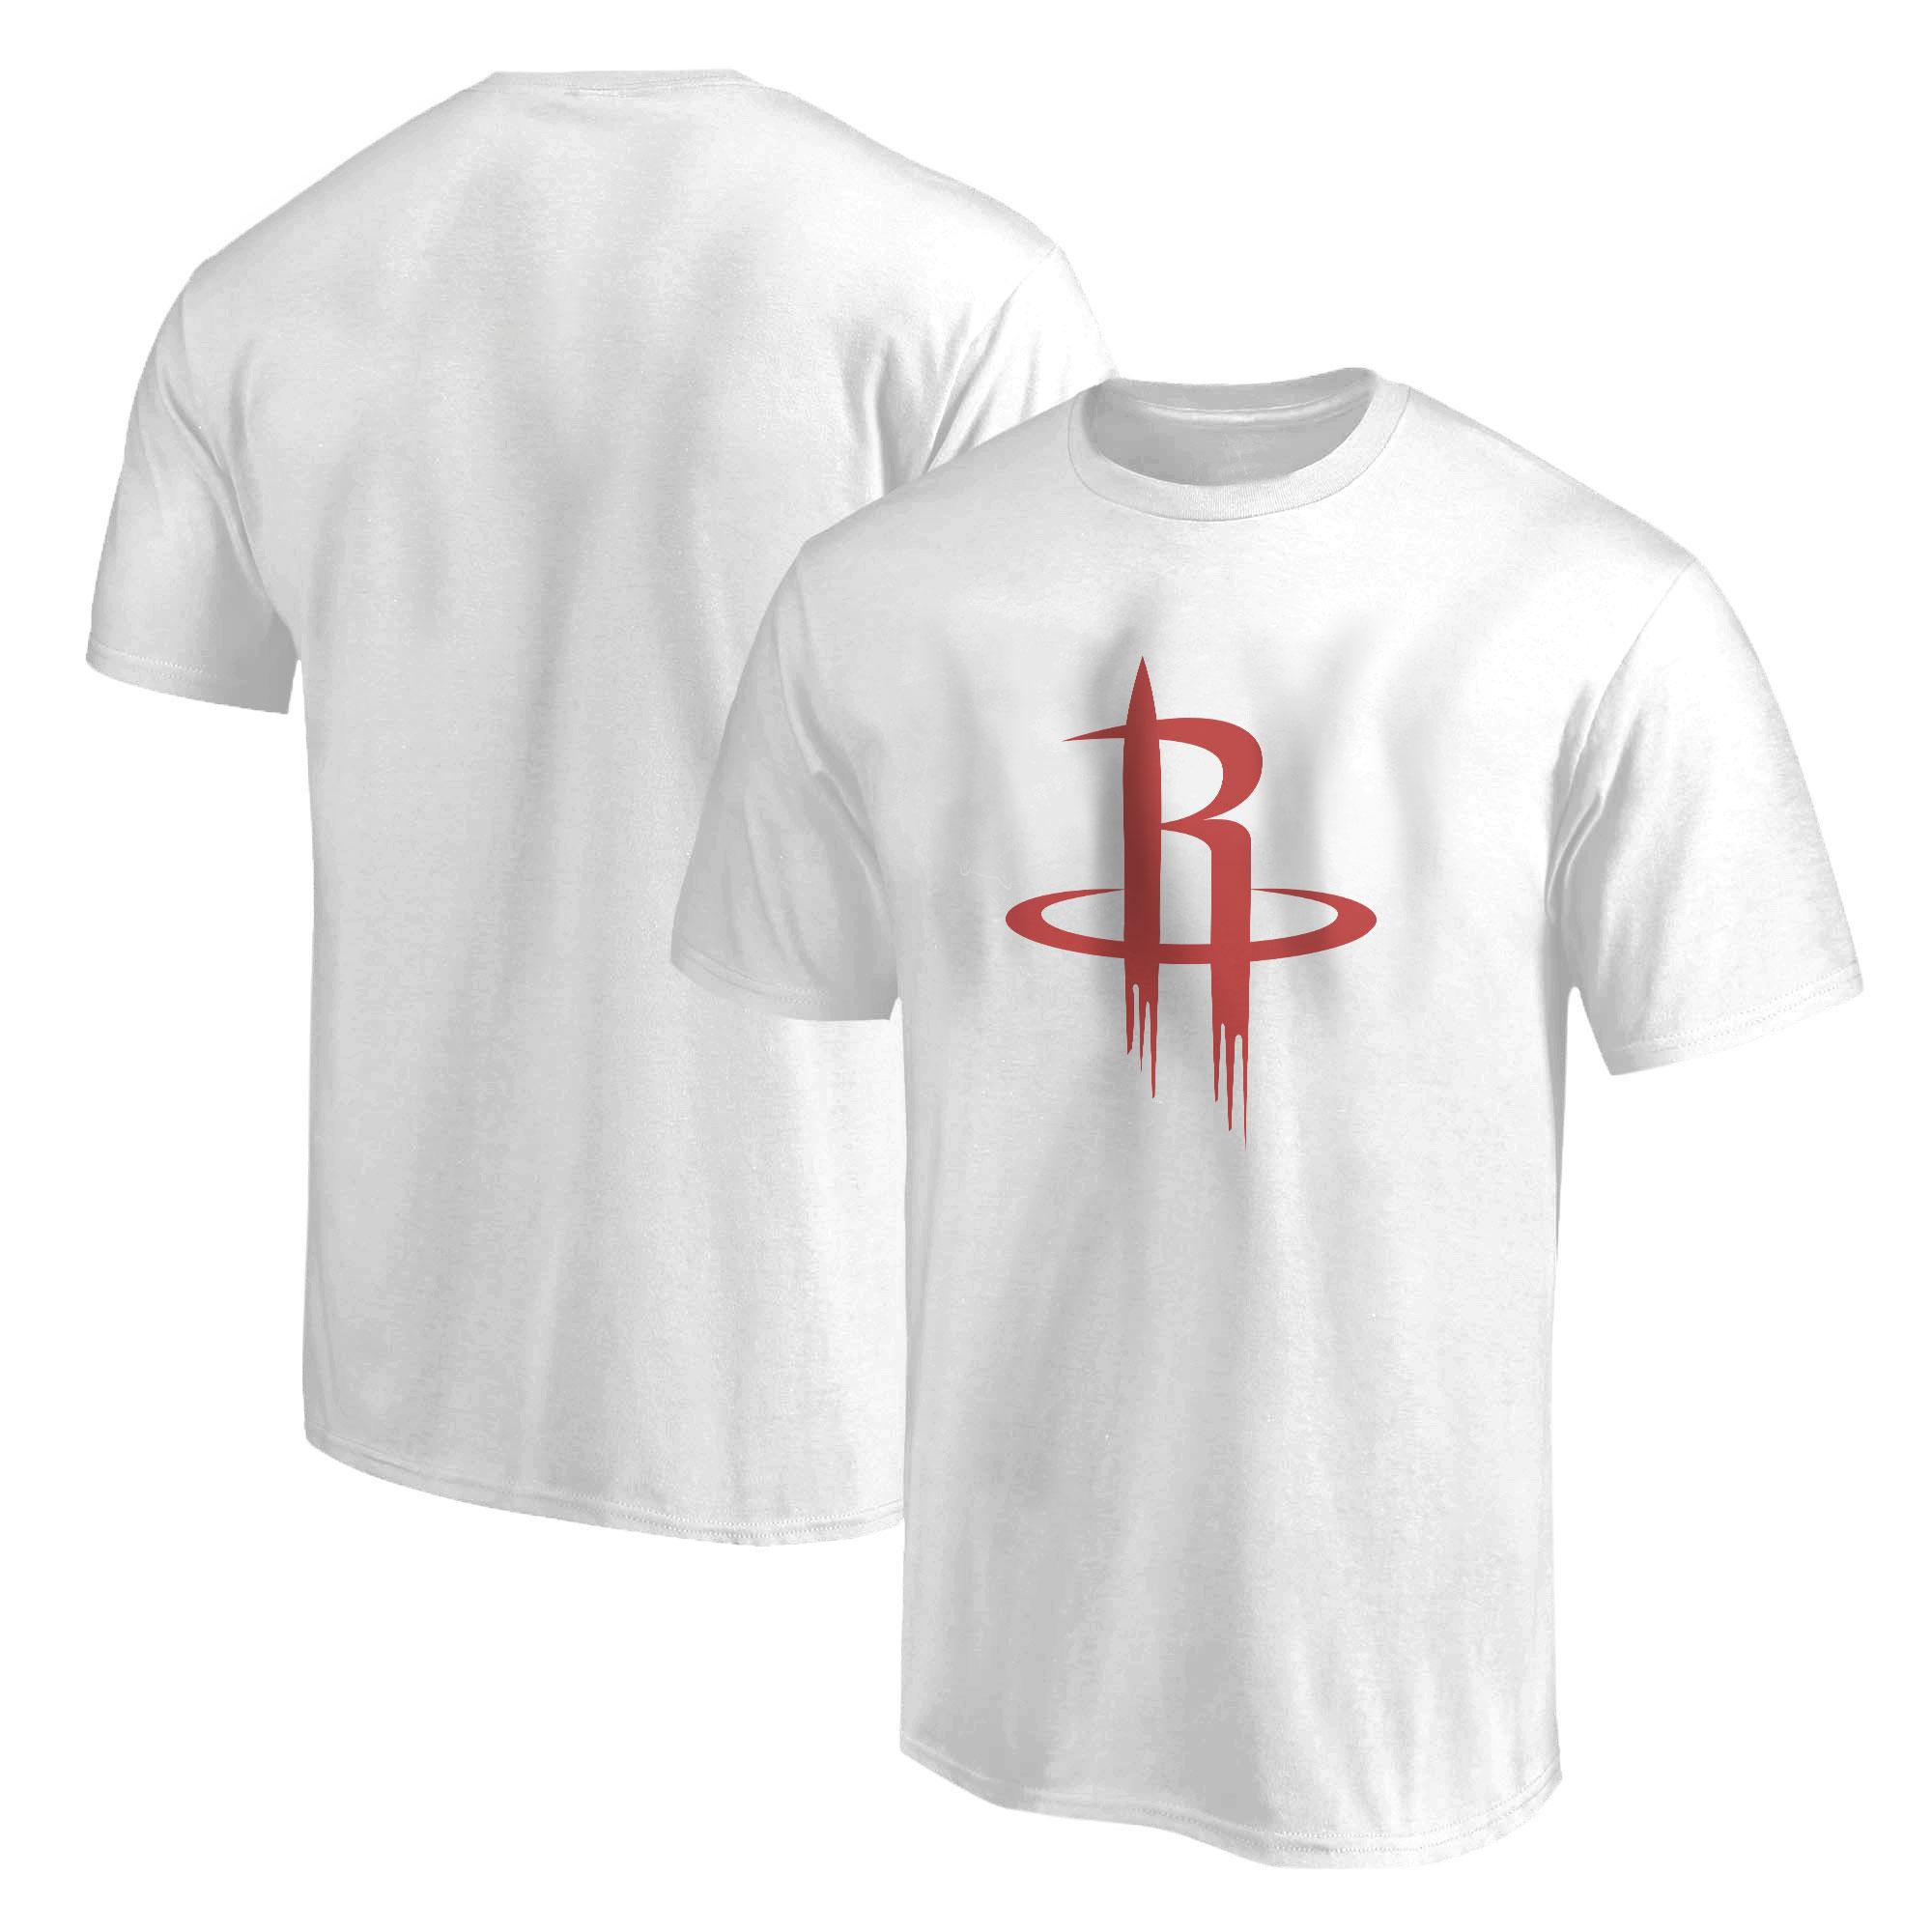 Houston Rockets Logo  Tshirt (TSH-WHT-NP-114-NBA-HOU-LOGO)